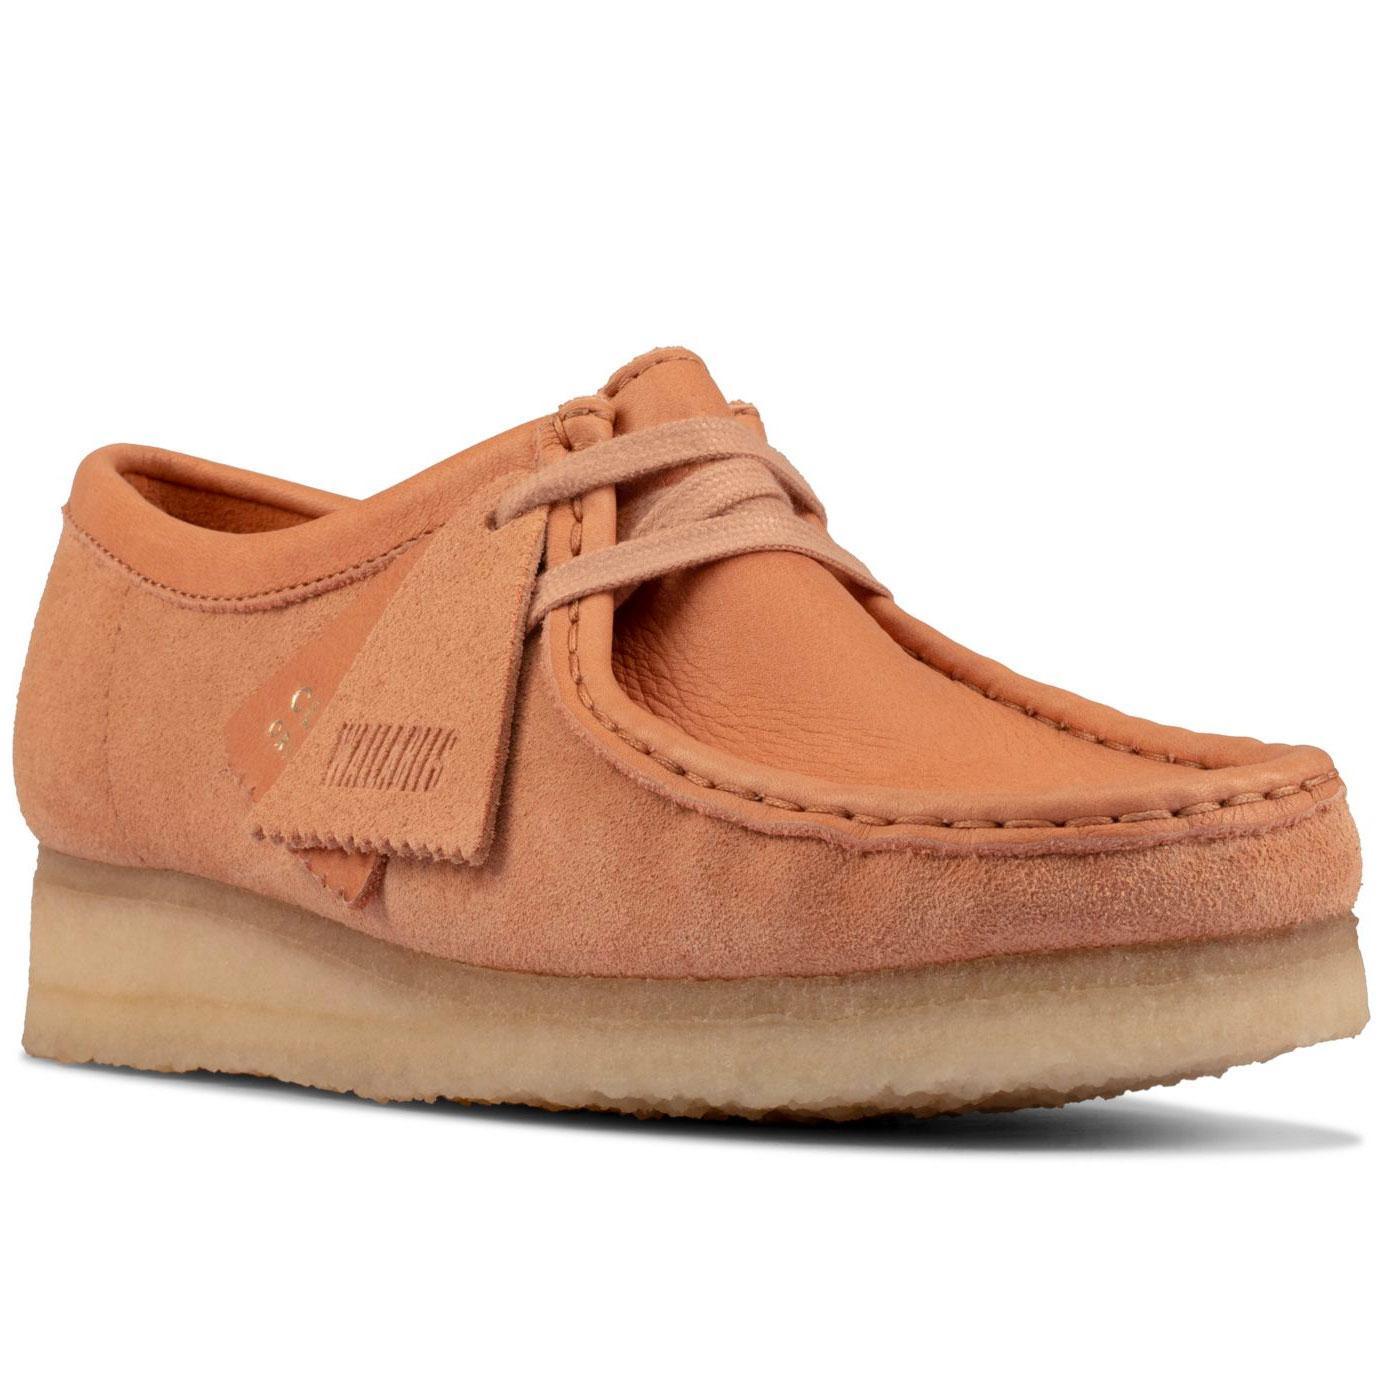 Wallabee CLARKS ORIGINALS Women's Suede Shoes (S)